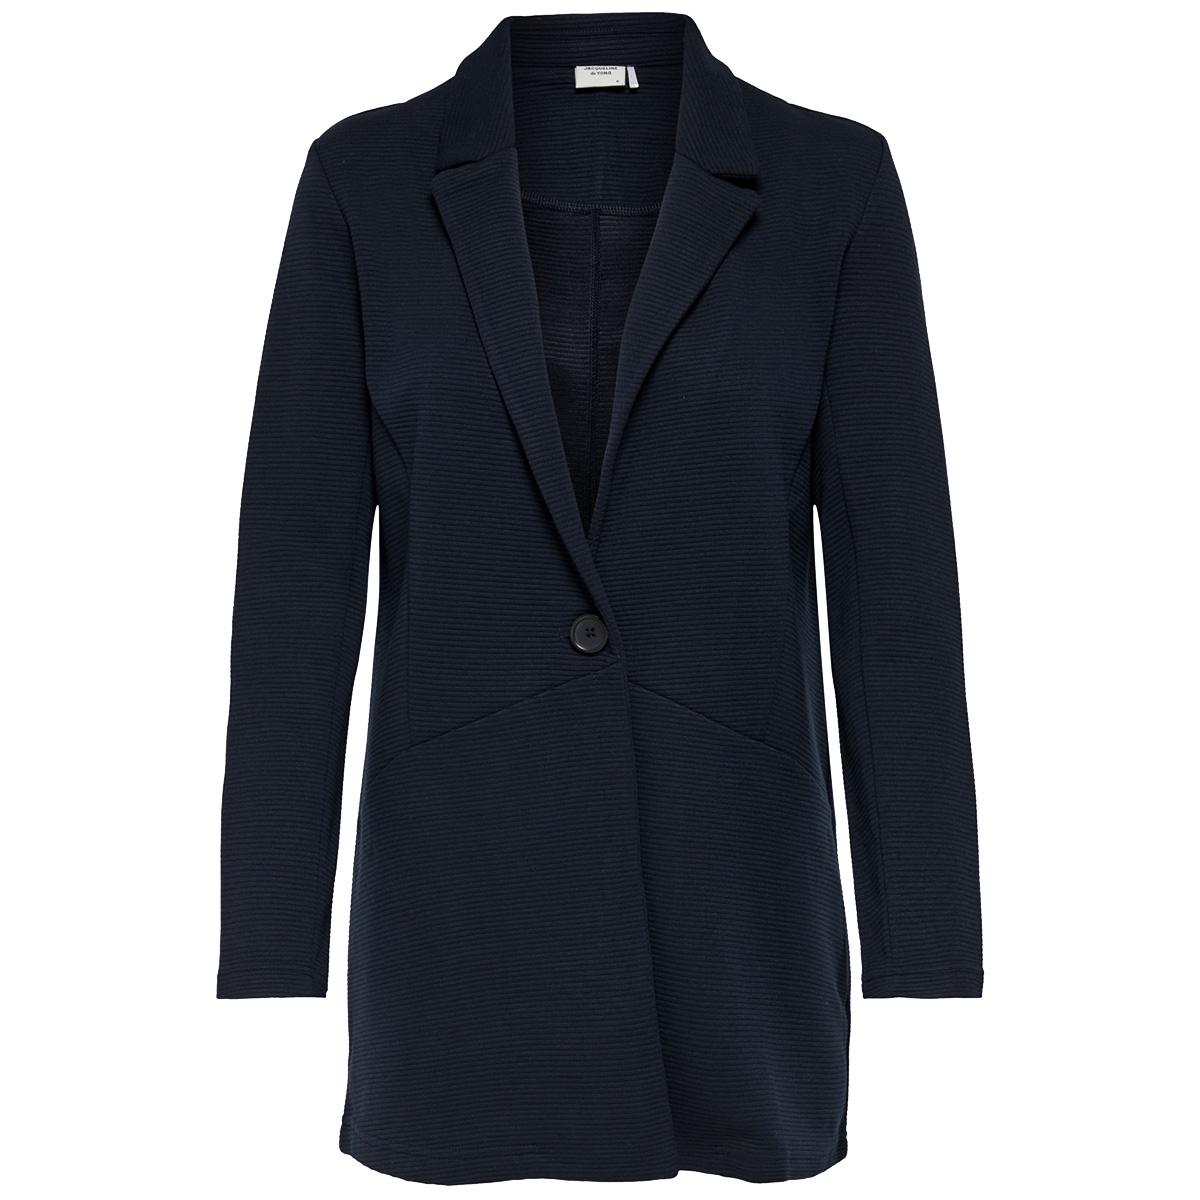 jdyfrilla l/s open jacket jrs 15173885 jacqueline de yong jas sky captain